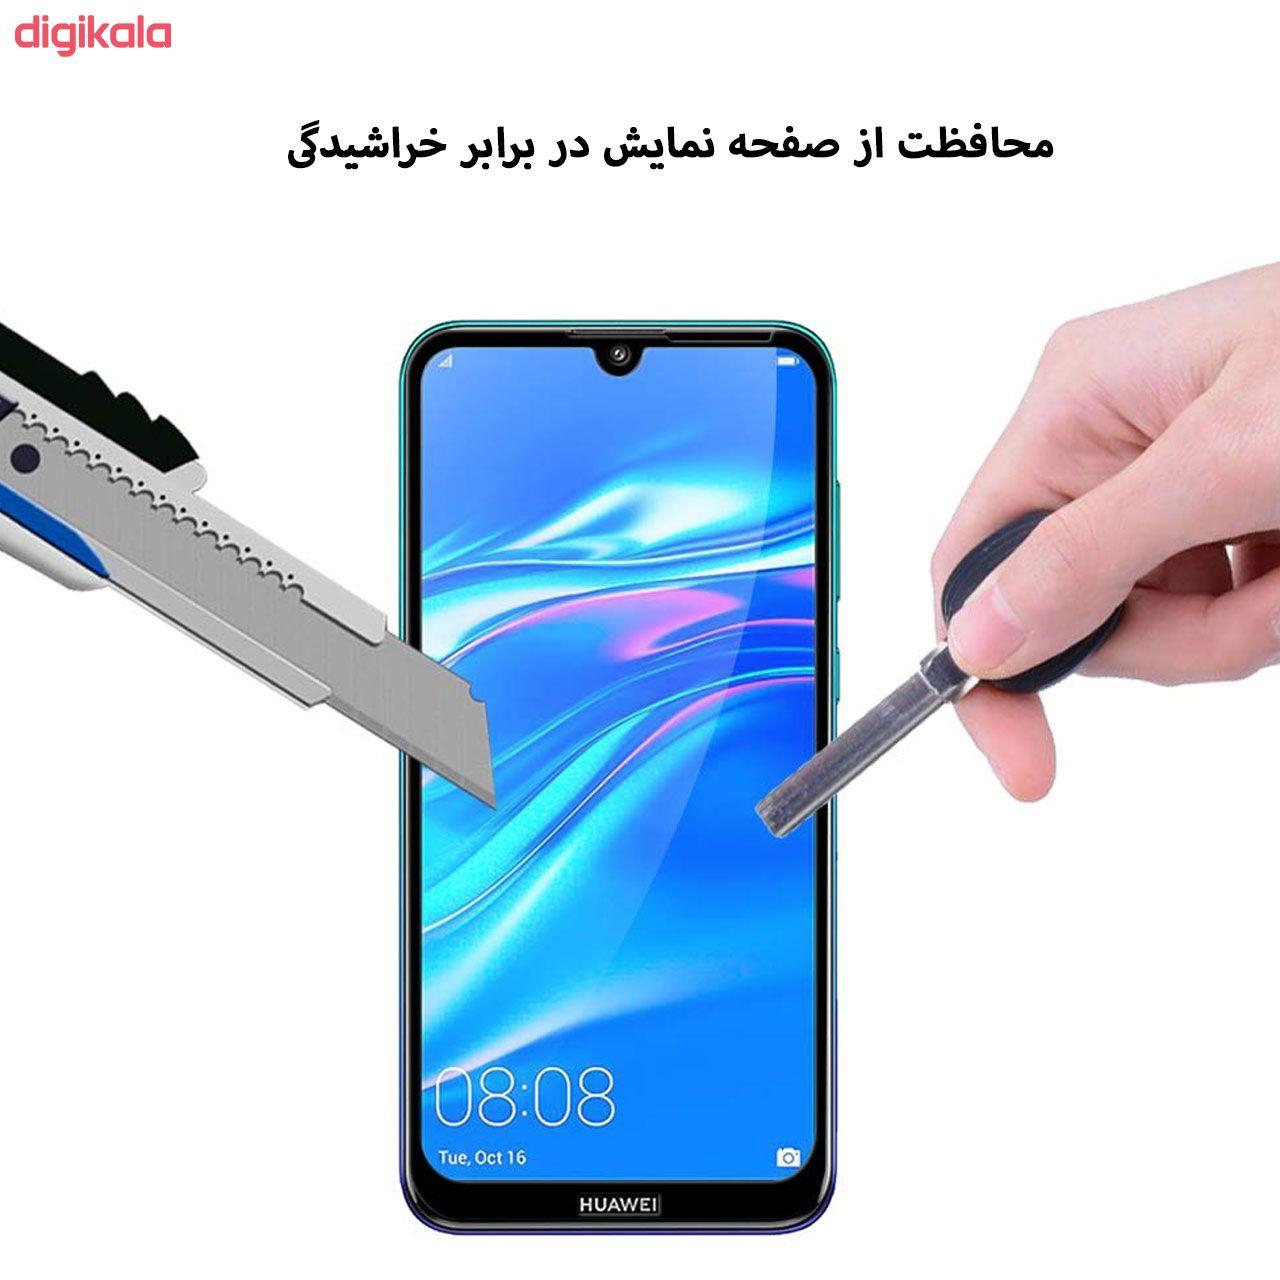 محافظ صفحه نمایش تراستکتور مدل GSS مناسب برای گوشی موبایل هوآوی Y7 Prime 2019 بسته 3 عددی main 1 6